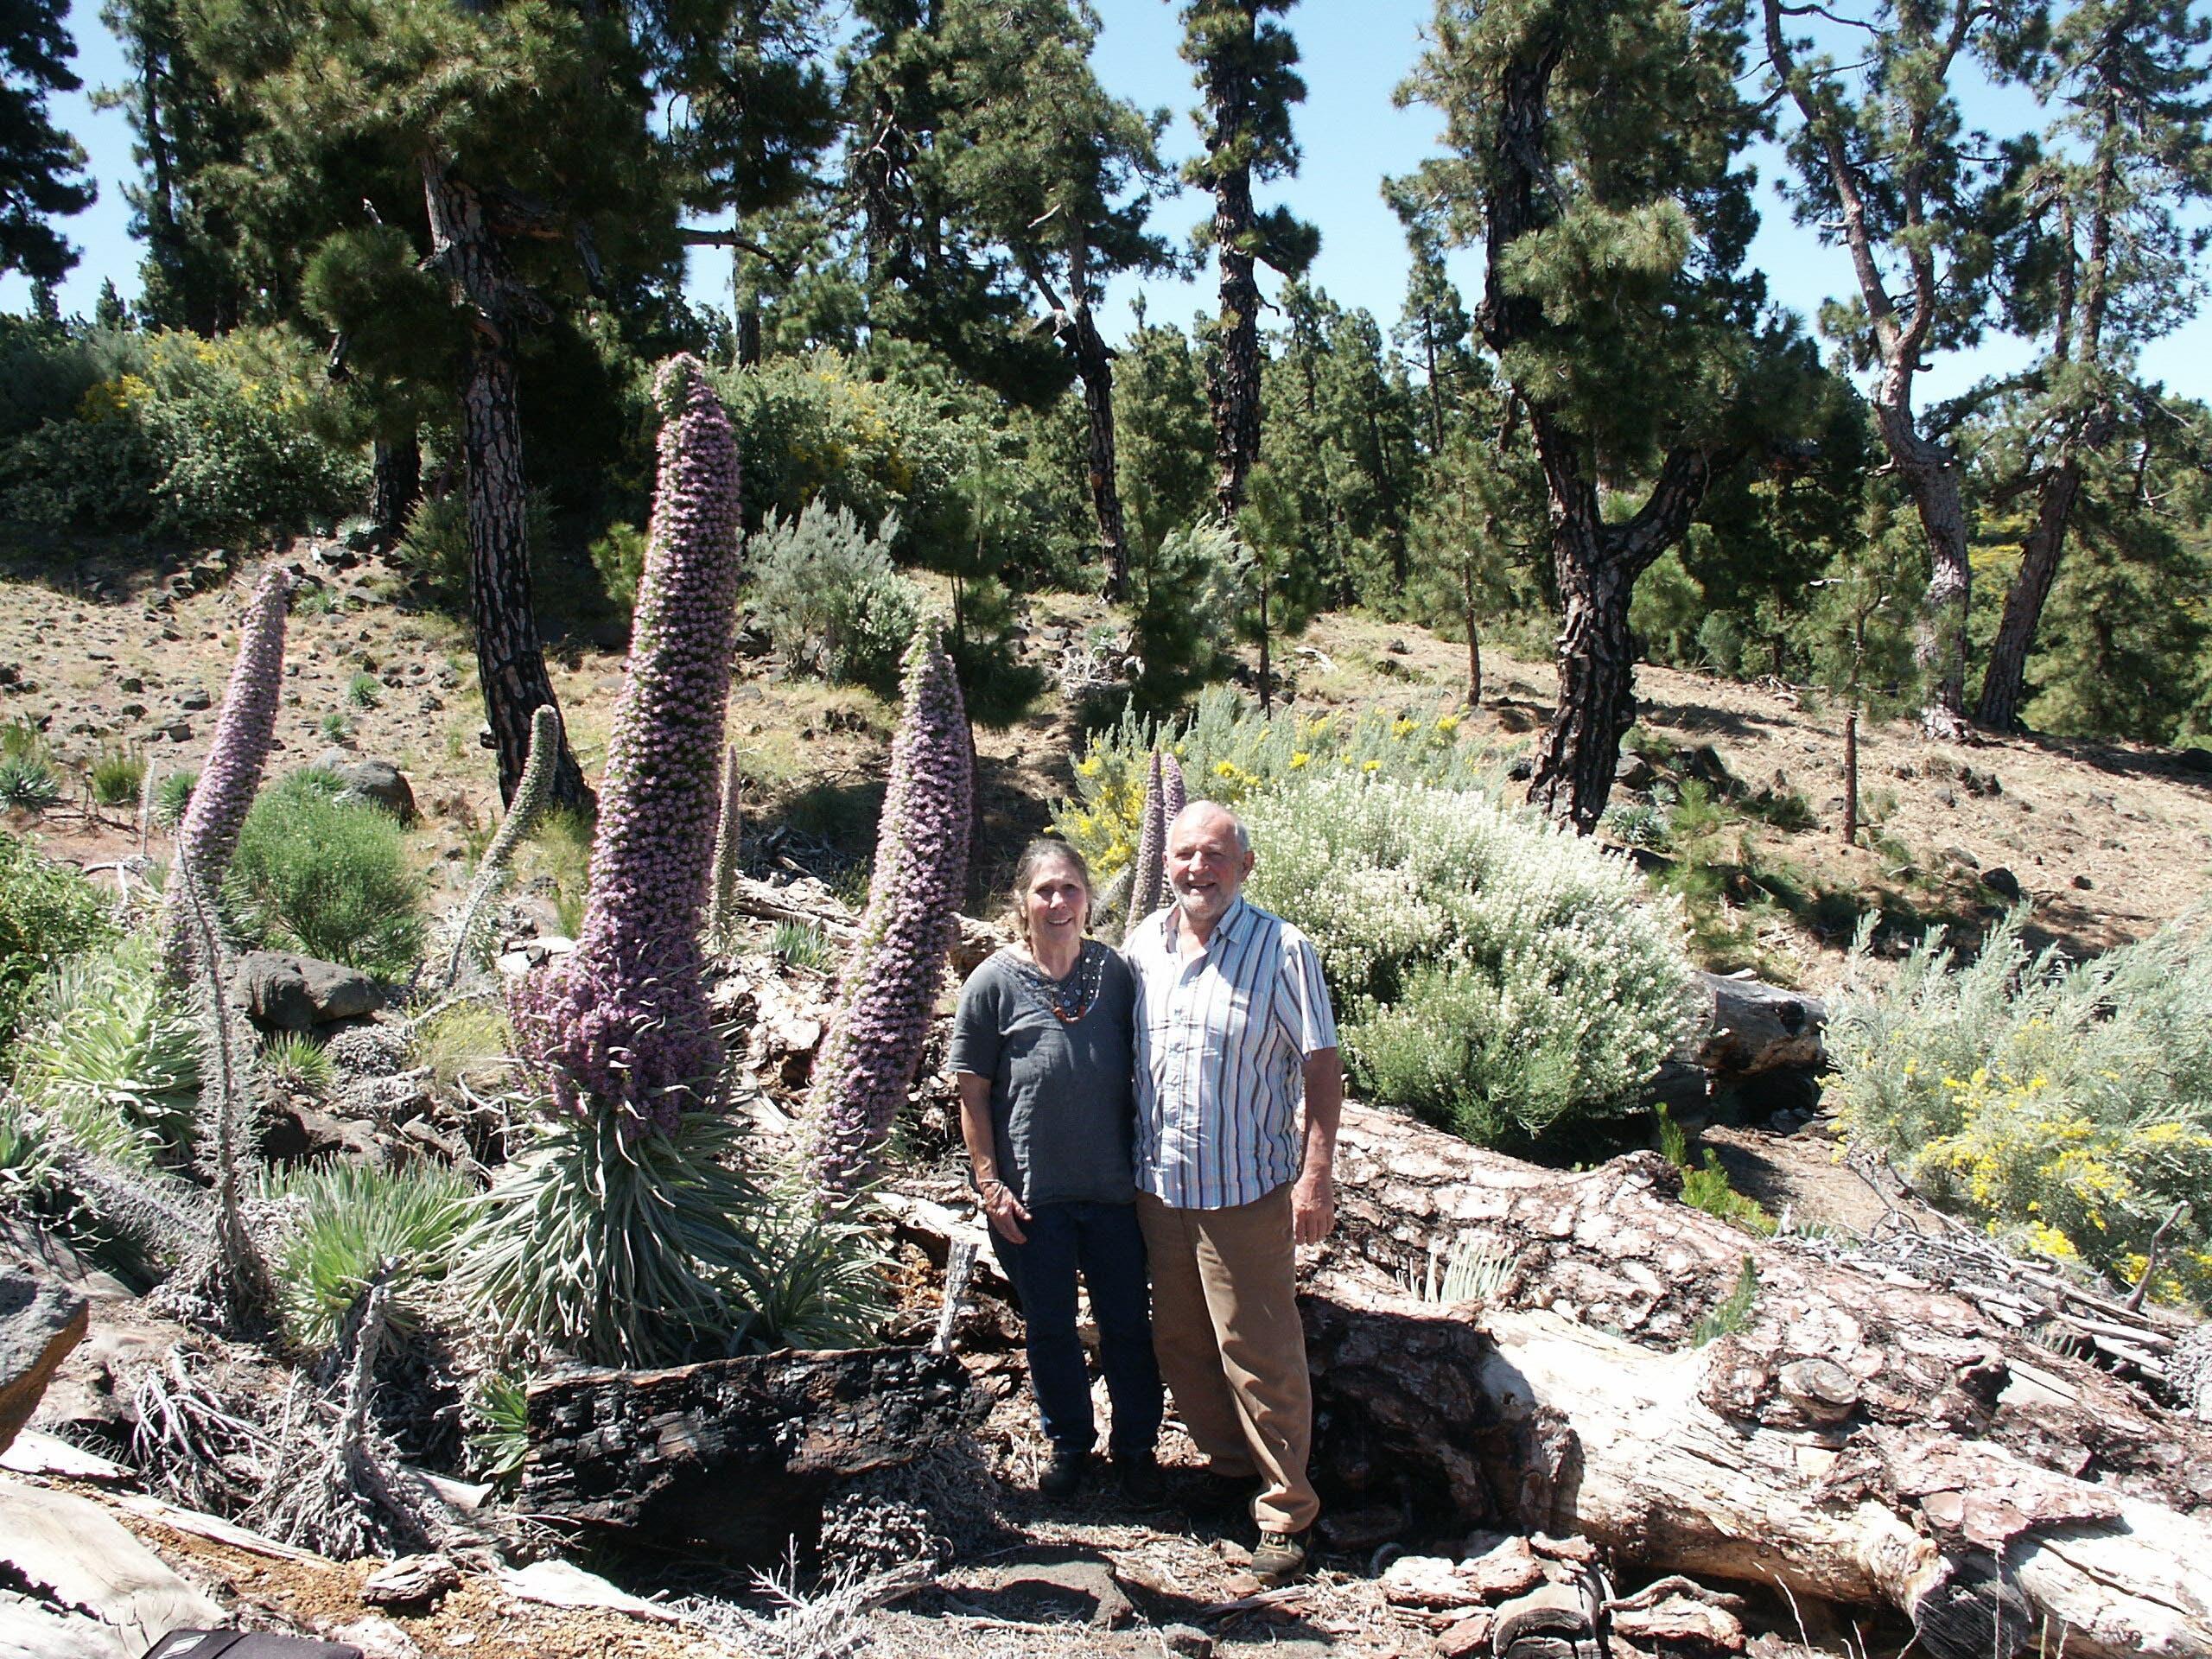 Herbert und Genoveva Eppelsheimer sind 1990 mit ihren drei Söhnen Yves, Remo und Mario von Birmensdorf nach La Palma ausgewandert.